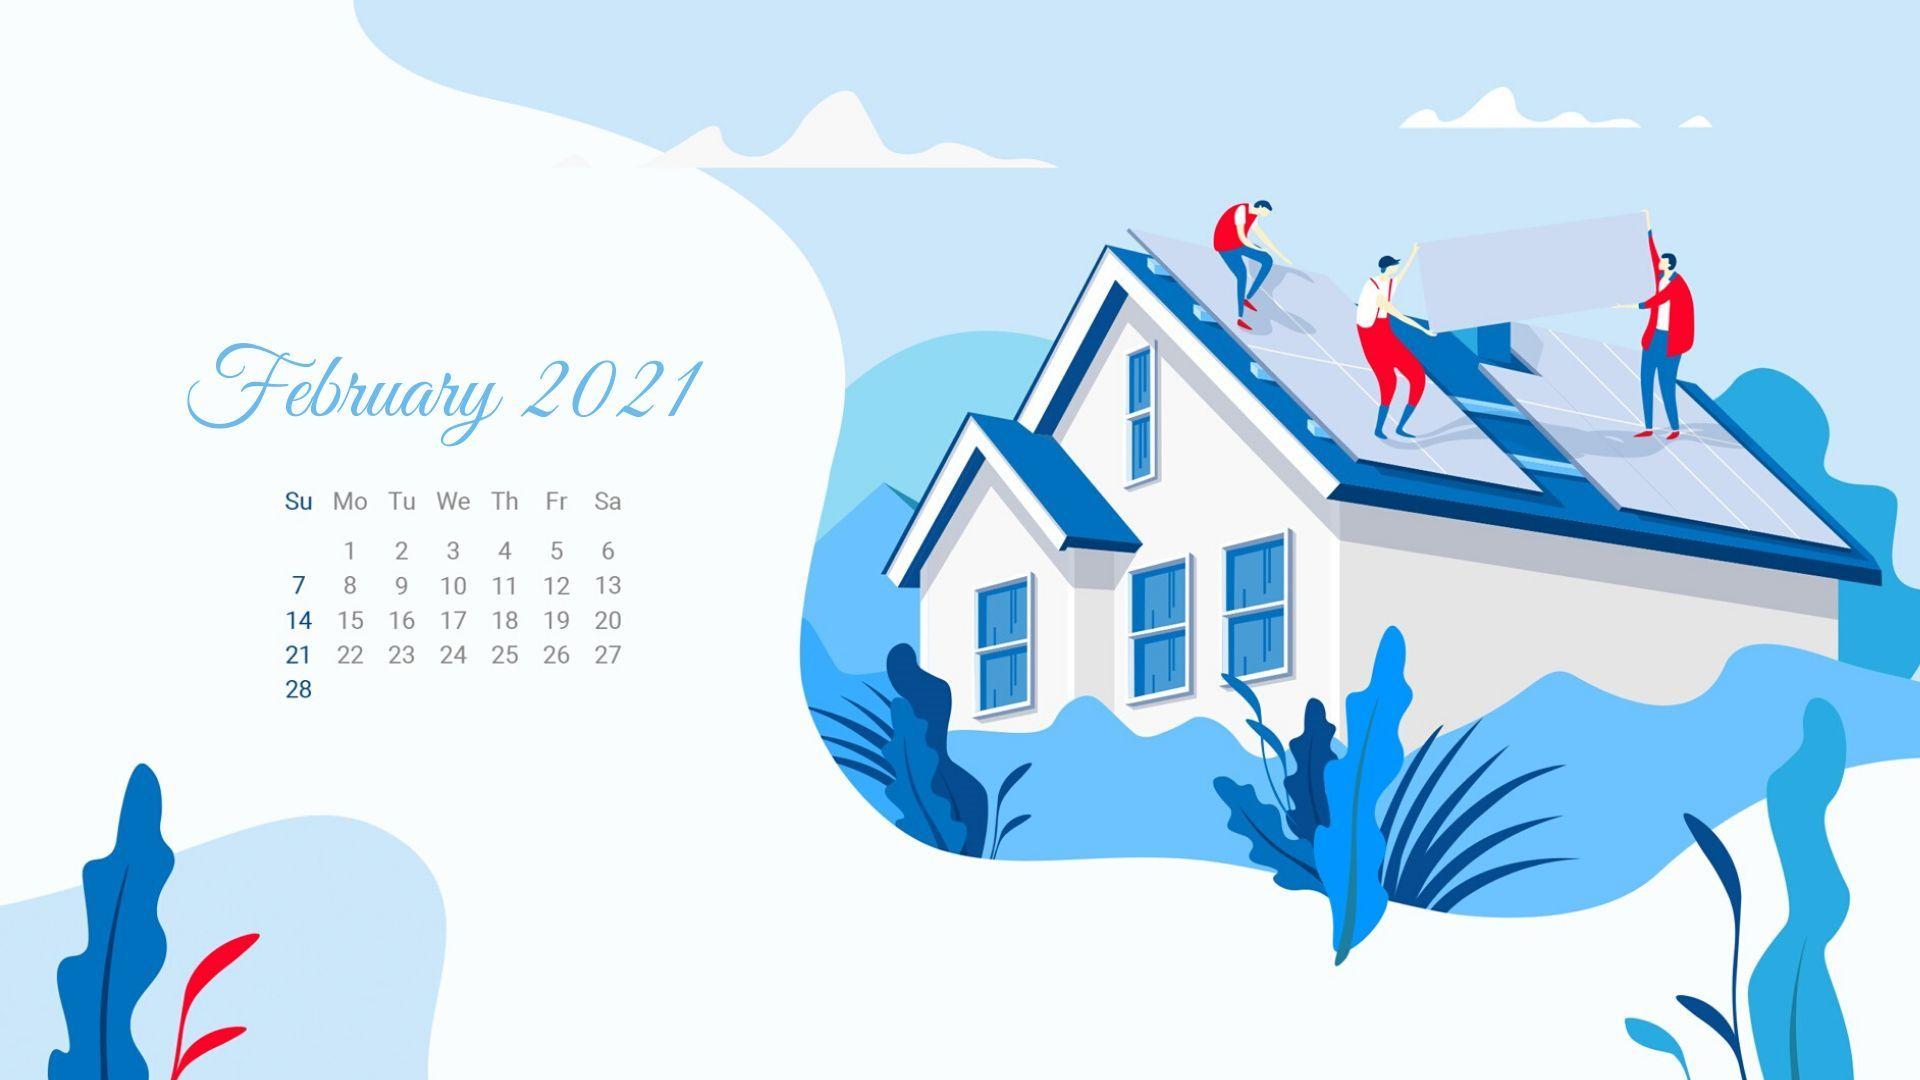 February 2021 Calendar Wallpaper Calendar wallpaper 2021 1920x1080